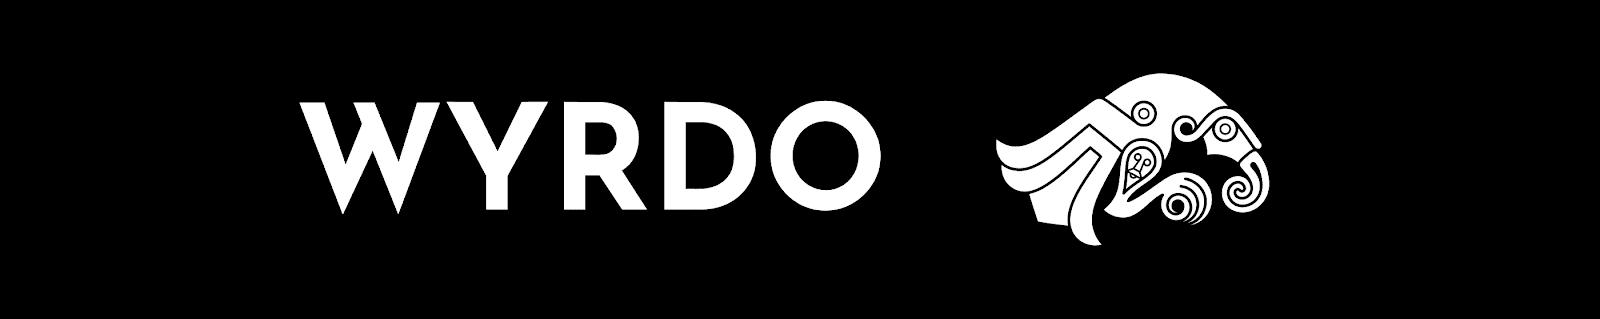 Wyrdo.